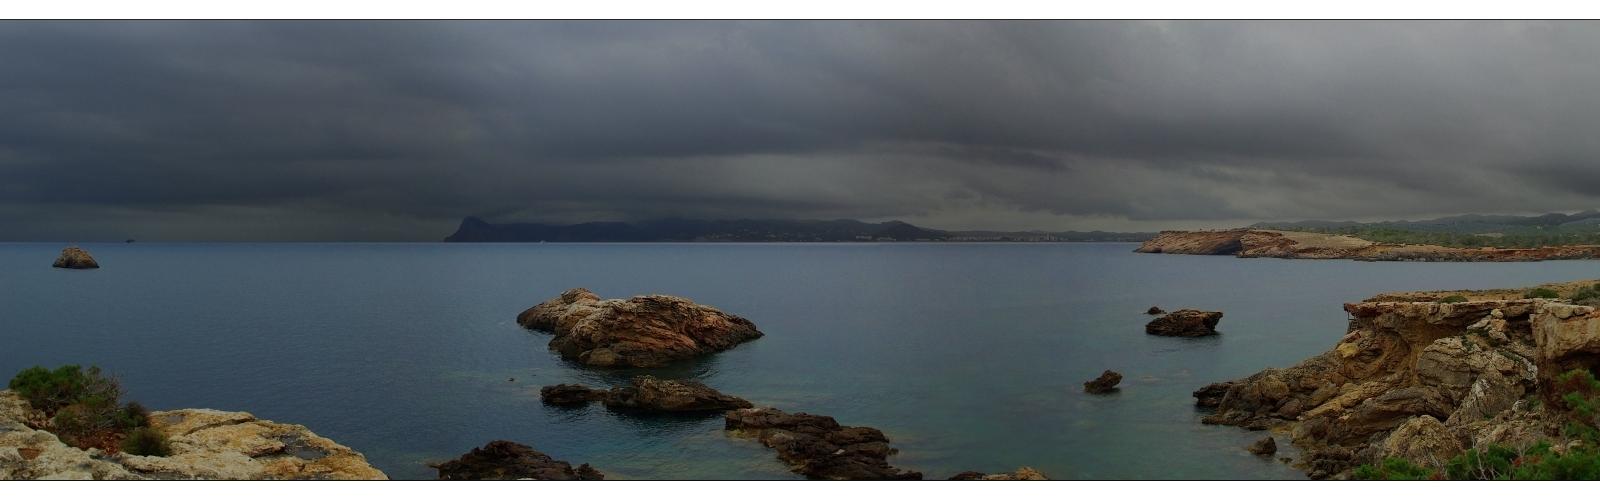 Here comes the rain again ... (III)